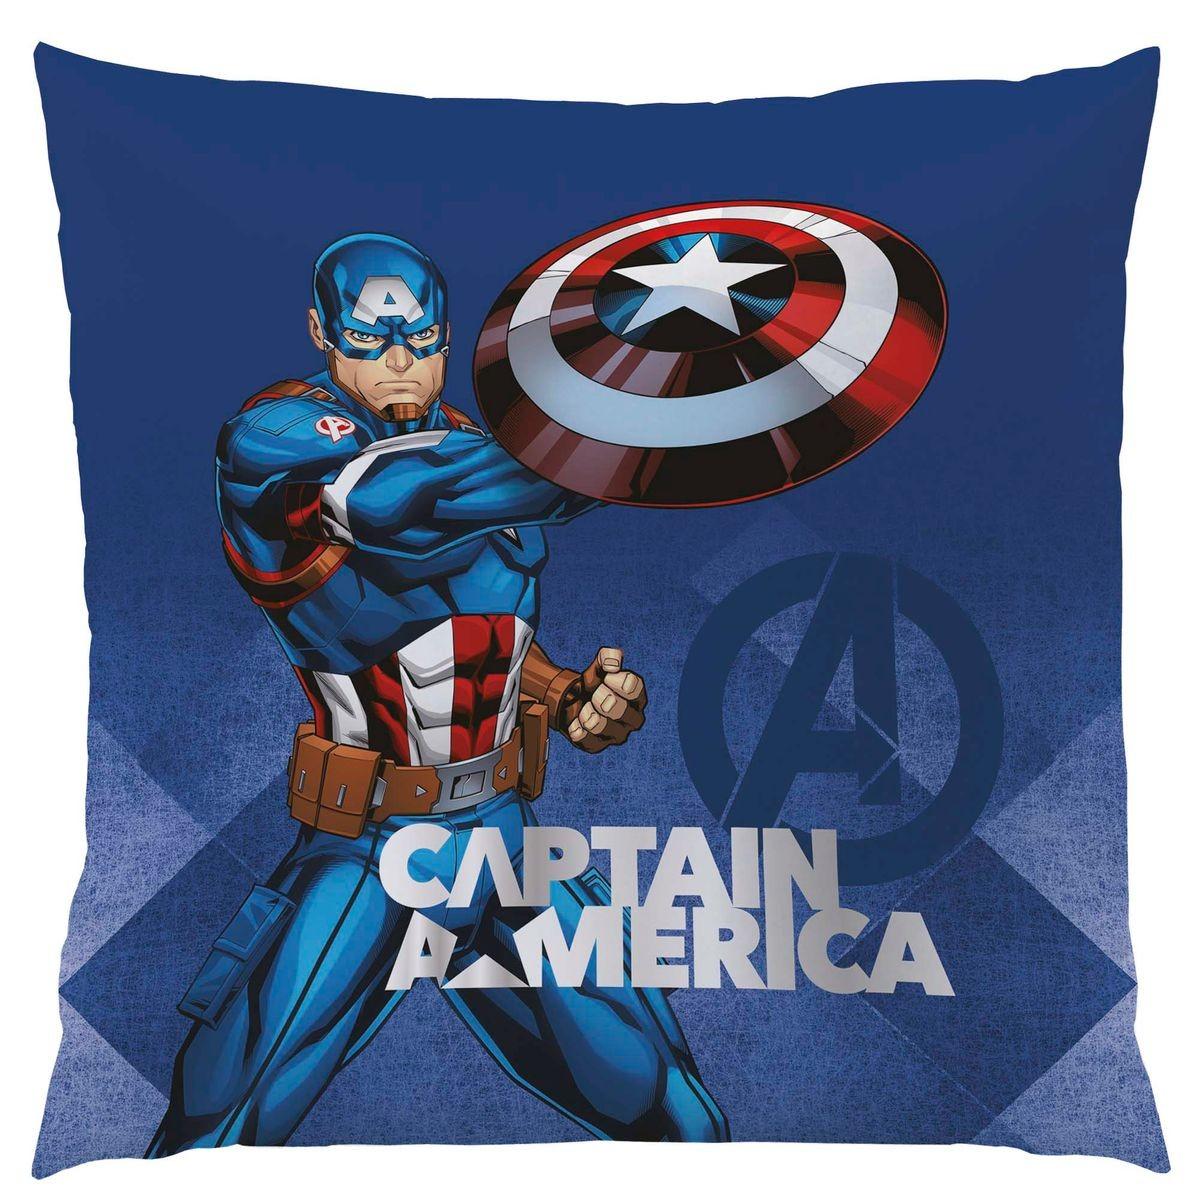 Coussin Carre Captain America Coussin Carre Coussin Pour Palette Et Matelas De Sol